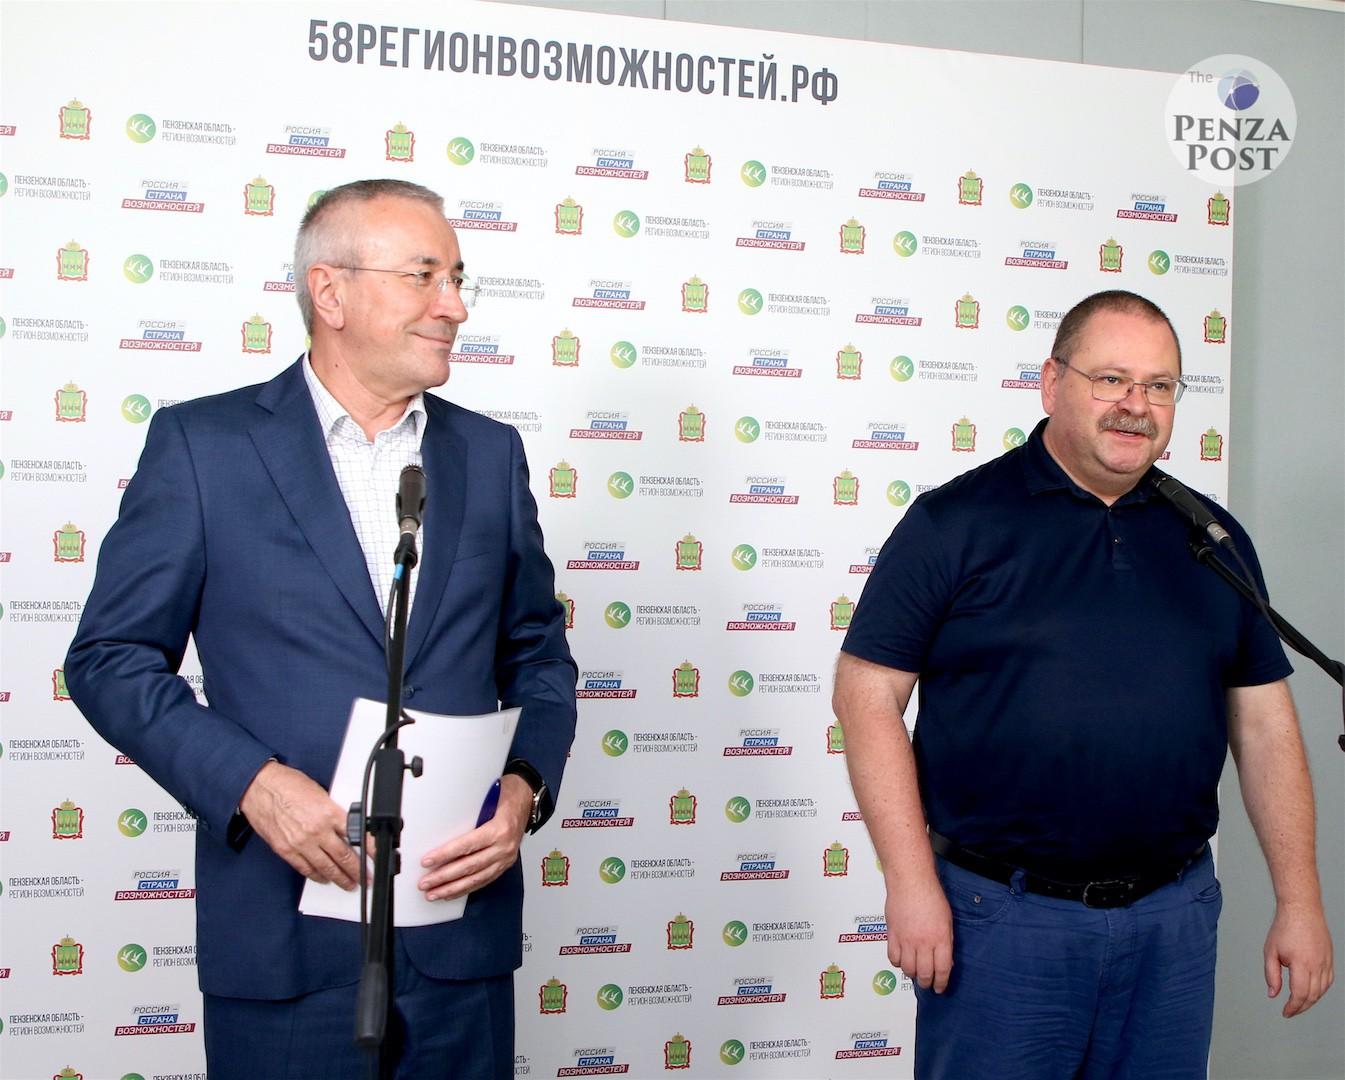 Более 200 участников прошли в финал проекта «Пензенская область - регион возможностей» - брифинг организаторов